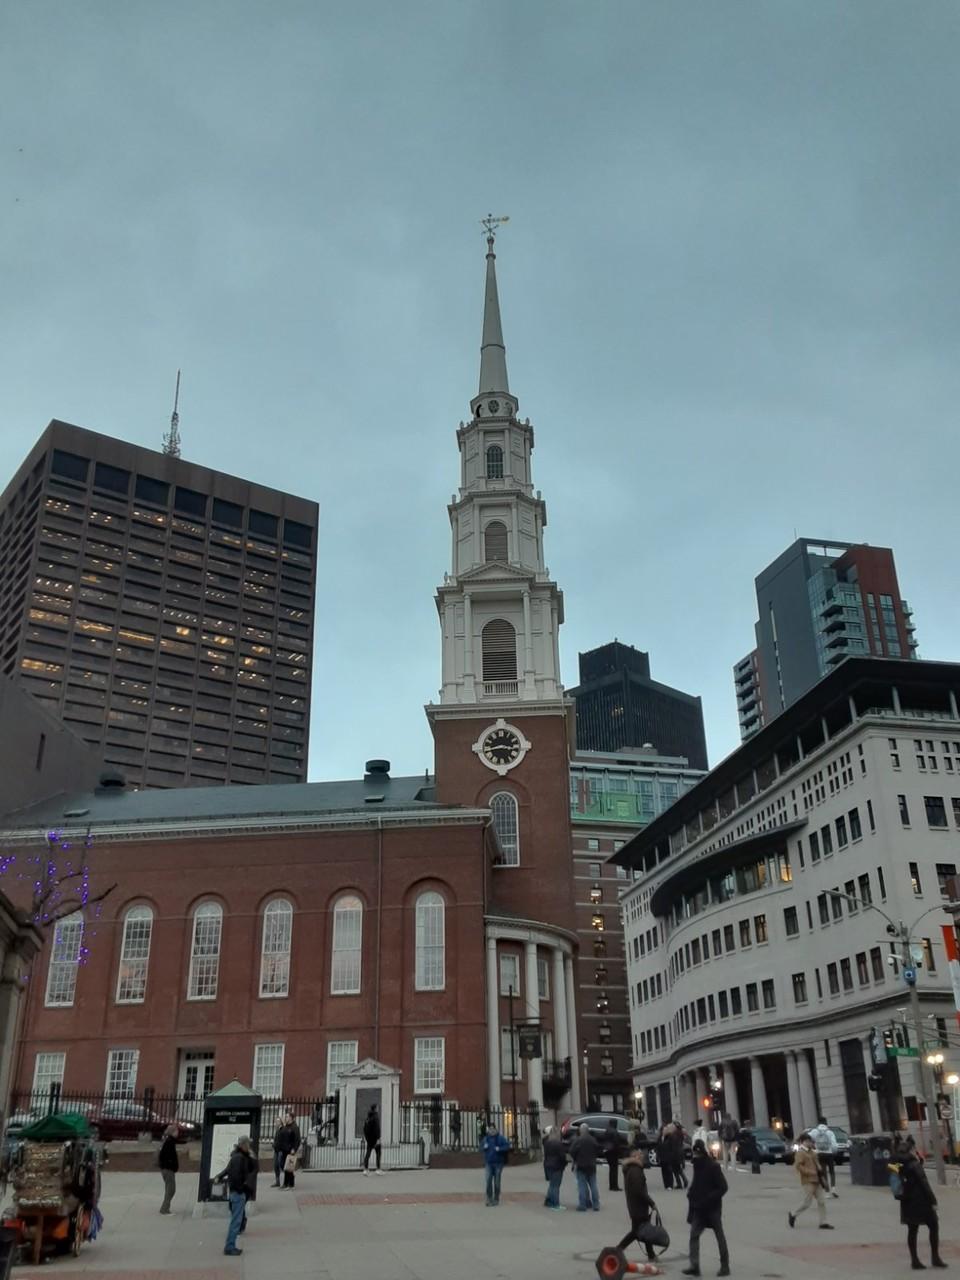 Консервативно-конгрегациональная церковь в центральной части Бостона, рядом с парком Бостон-Коммон. Её строительство было начато в 1809 году, и она была построена в очень короткий срок - от начала строительства до освящения церкви прошло меньше года.